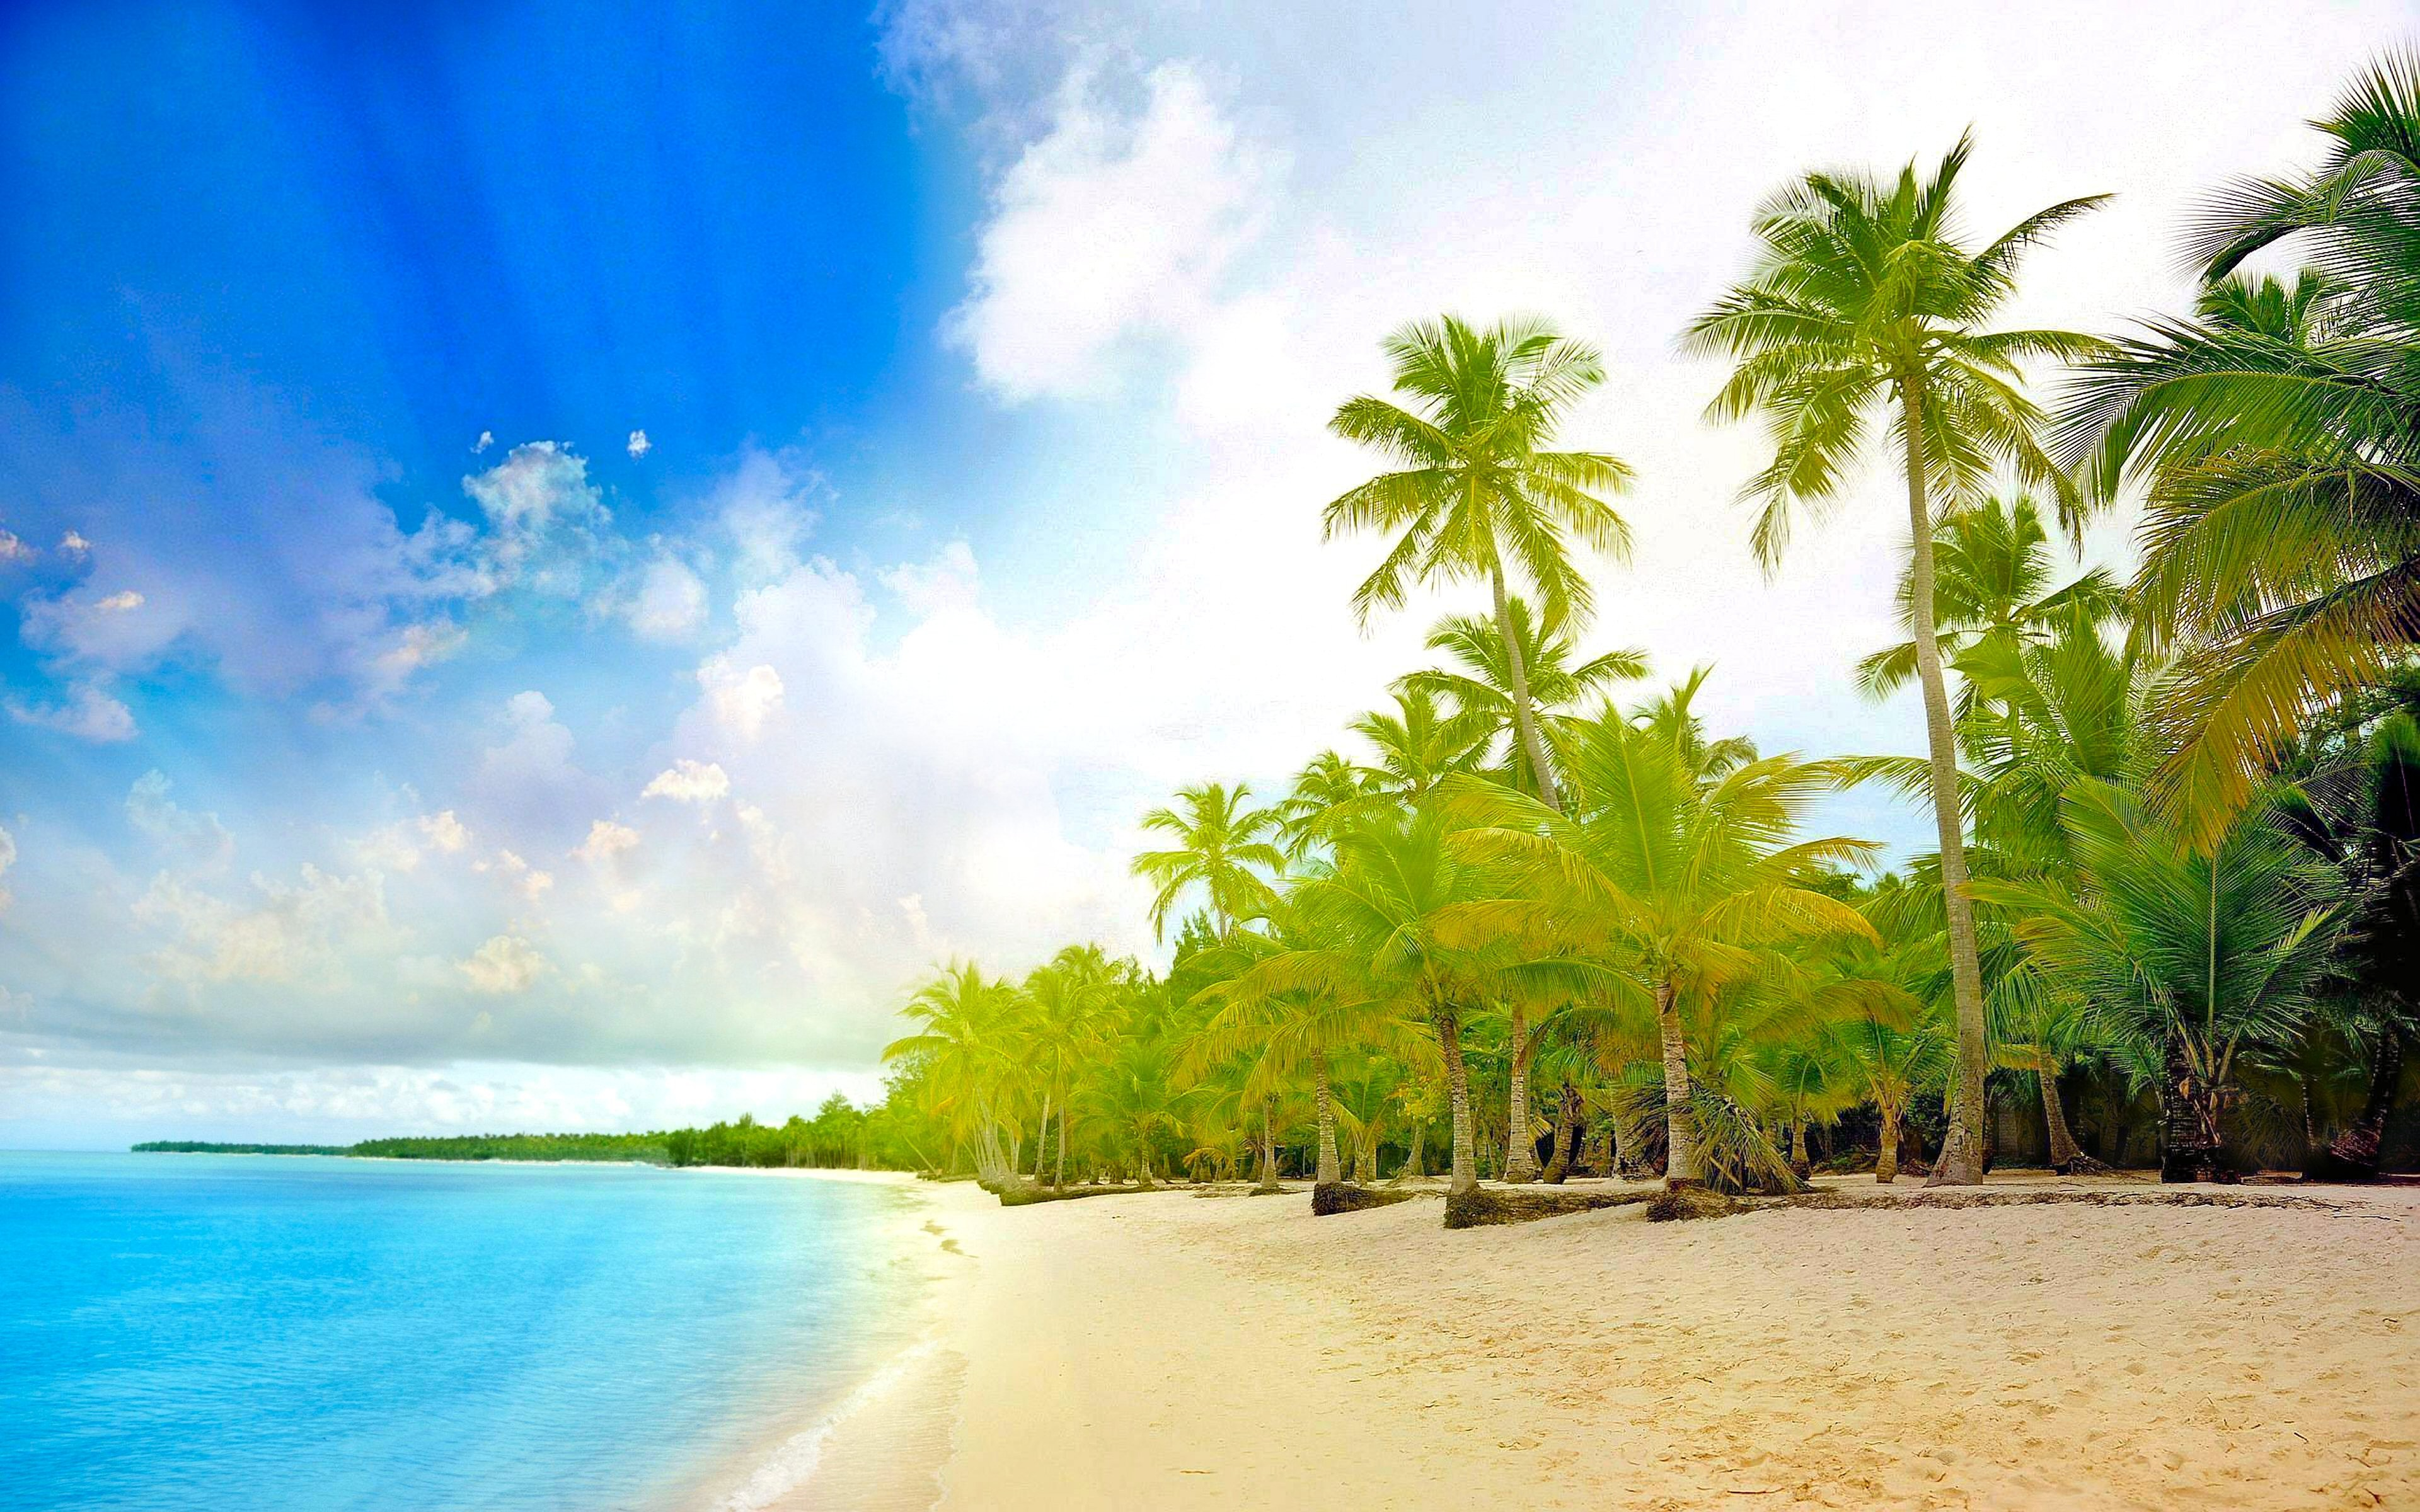 природа песок пляж дома море пальмы  № 3778401 загрузить